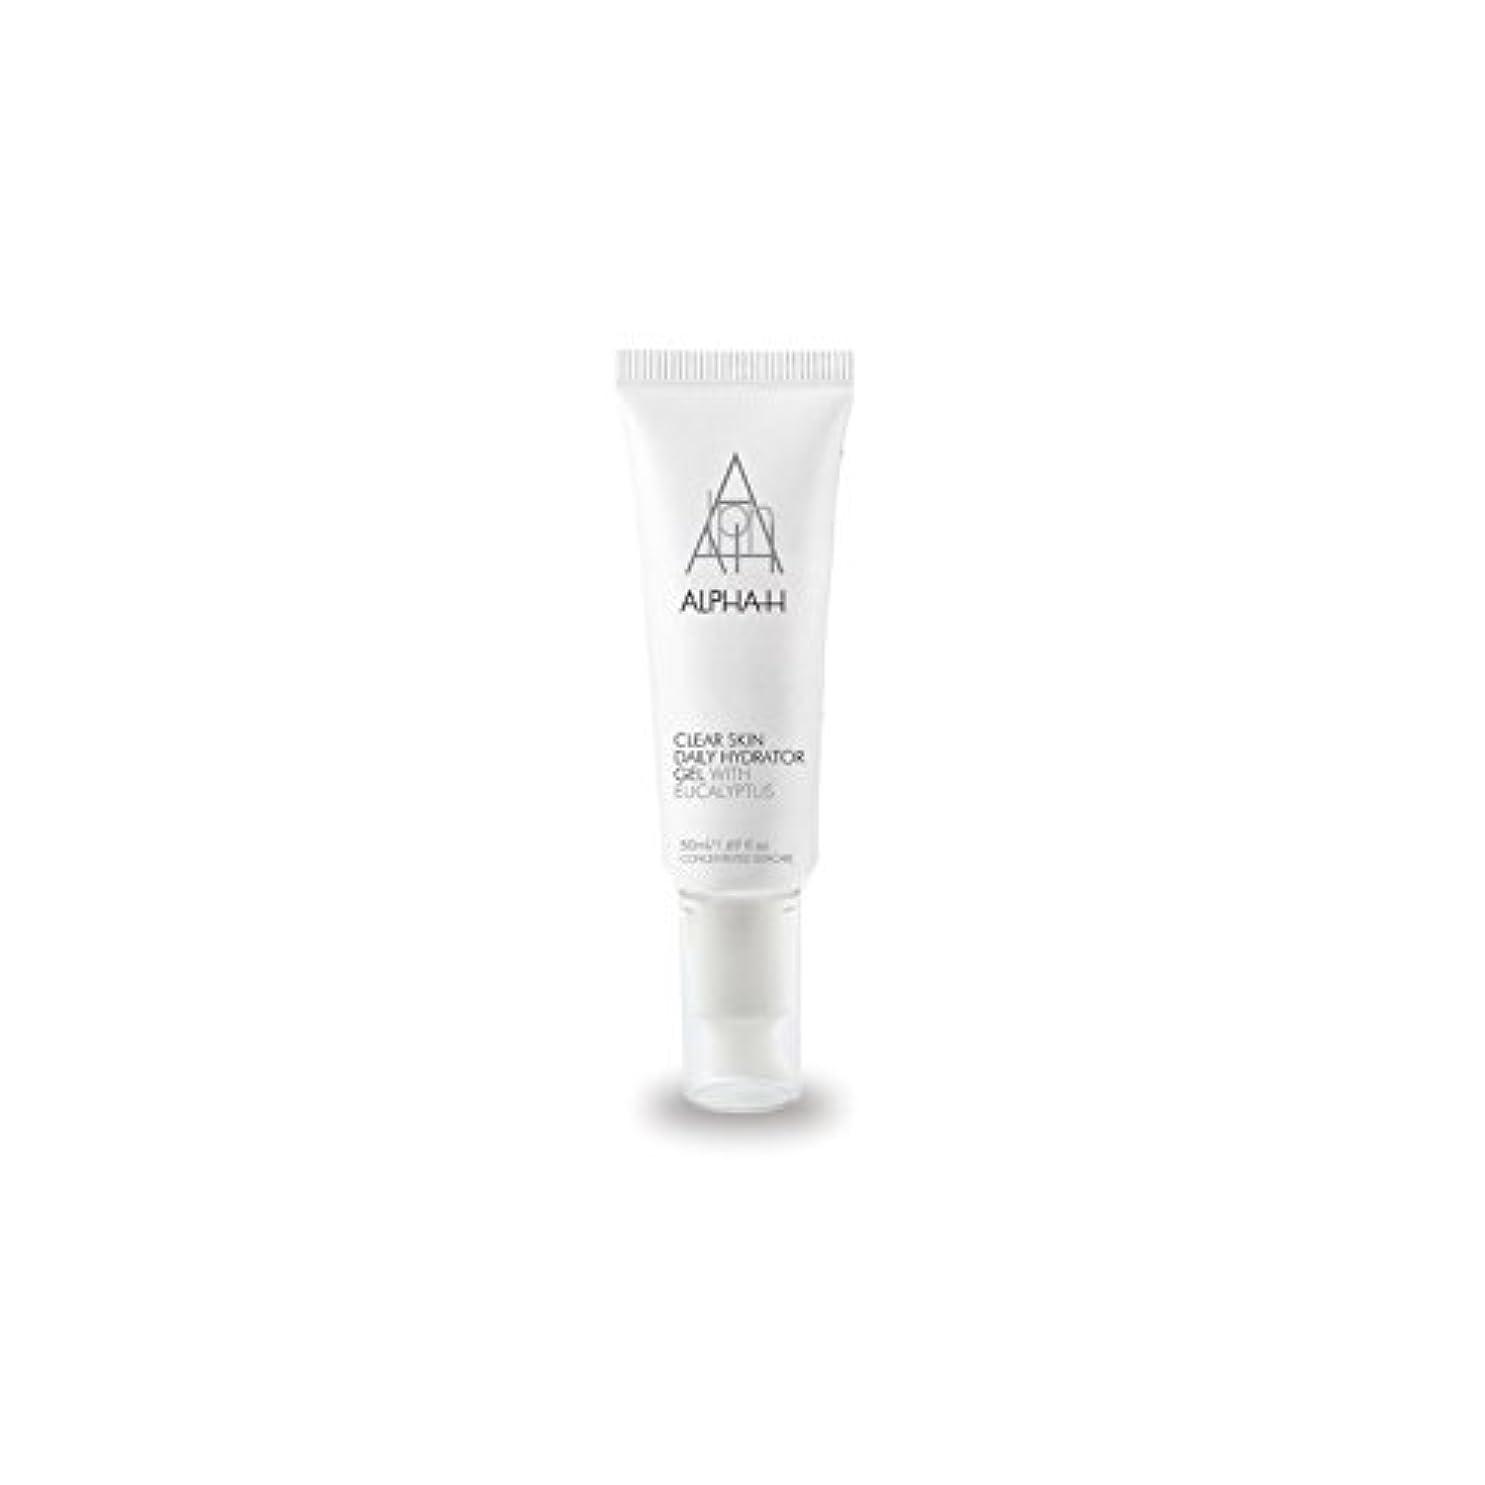 遠い秋四アルファクリア皮膚毎日ハイドレーターゲル(50)中 x2 - Alpha-H Clear Skin Daily Hydrator Gel (50ml) (Pack of 2) [並行輸入品]